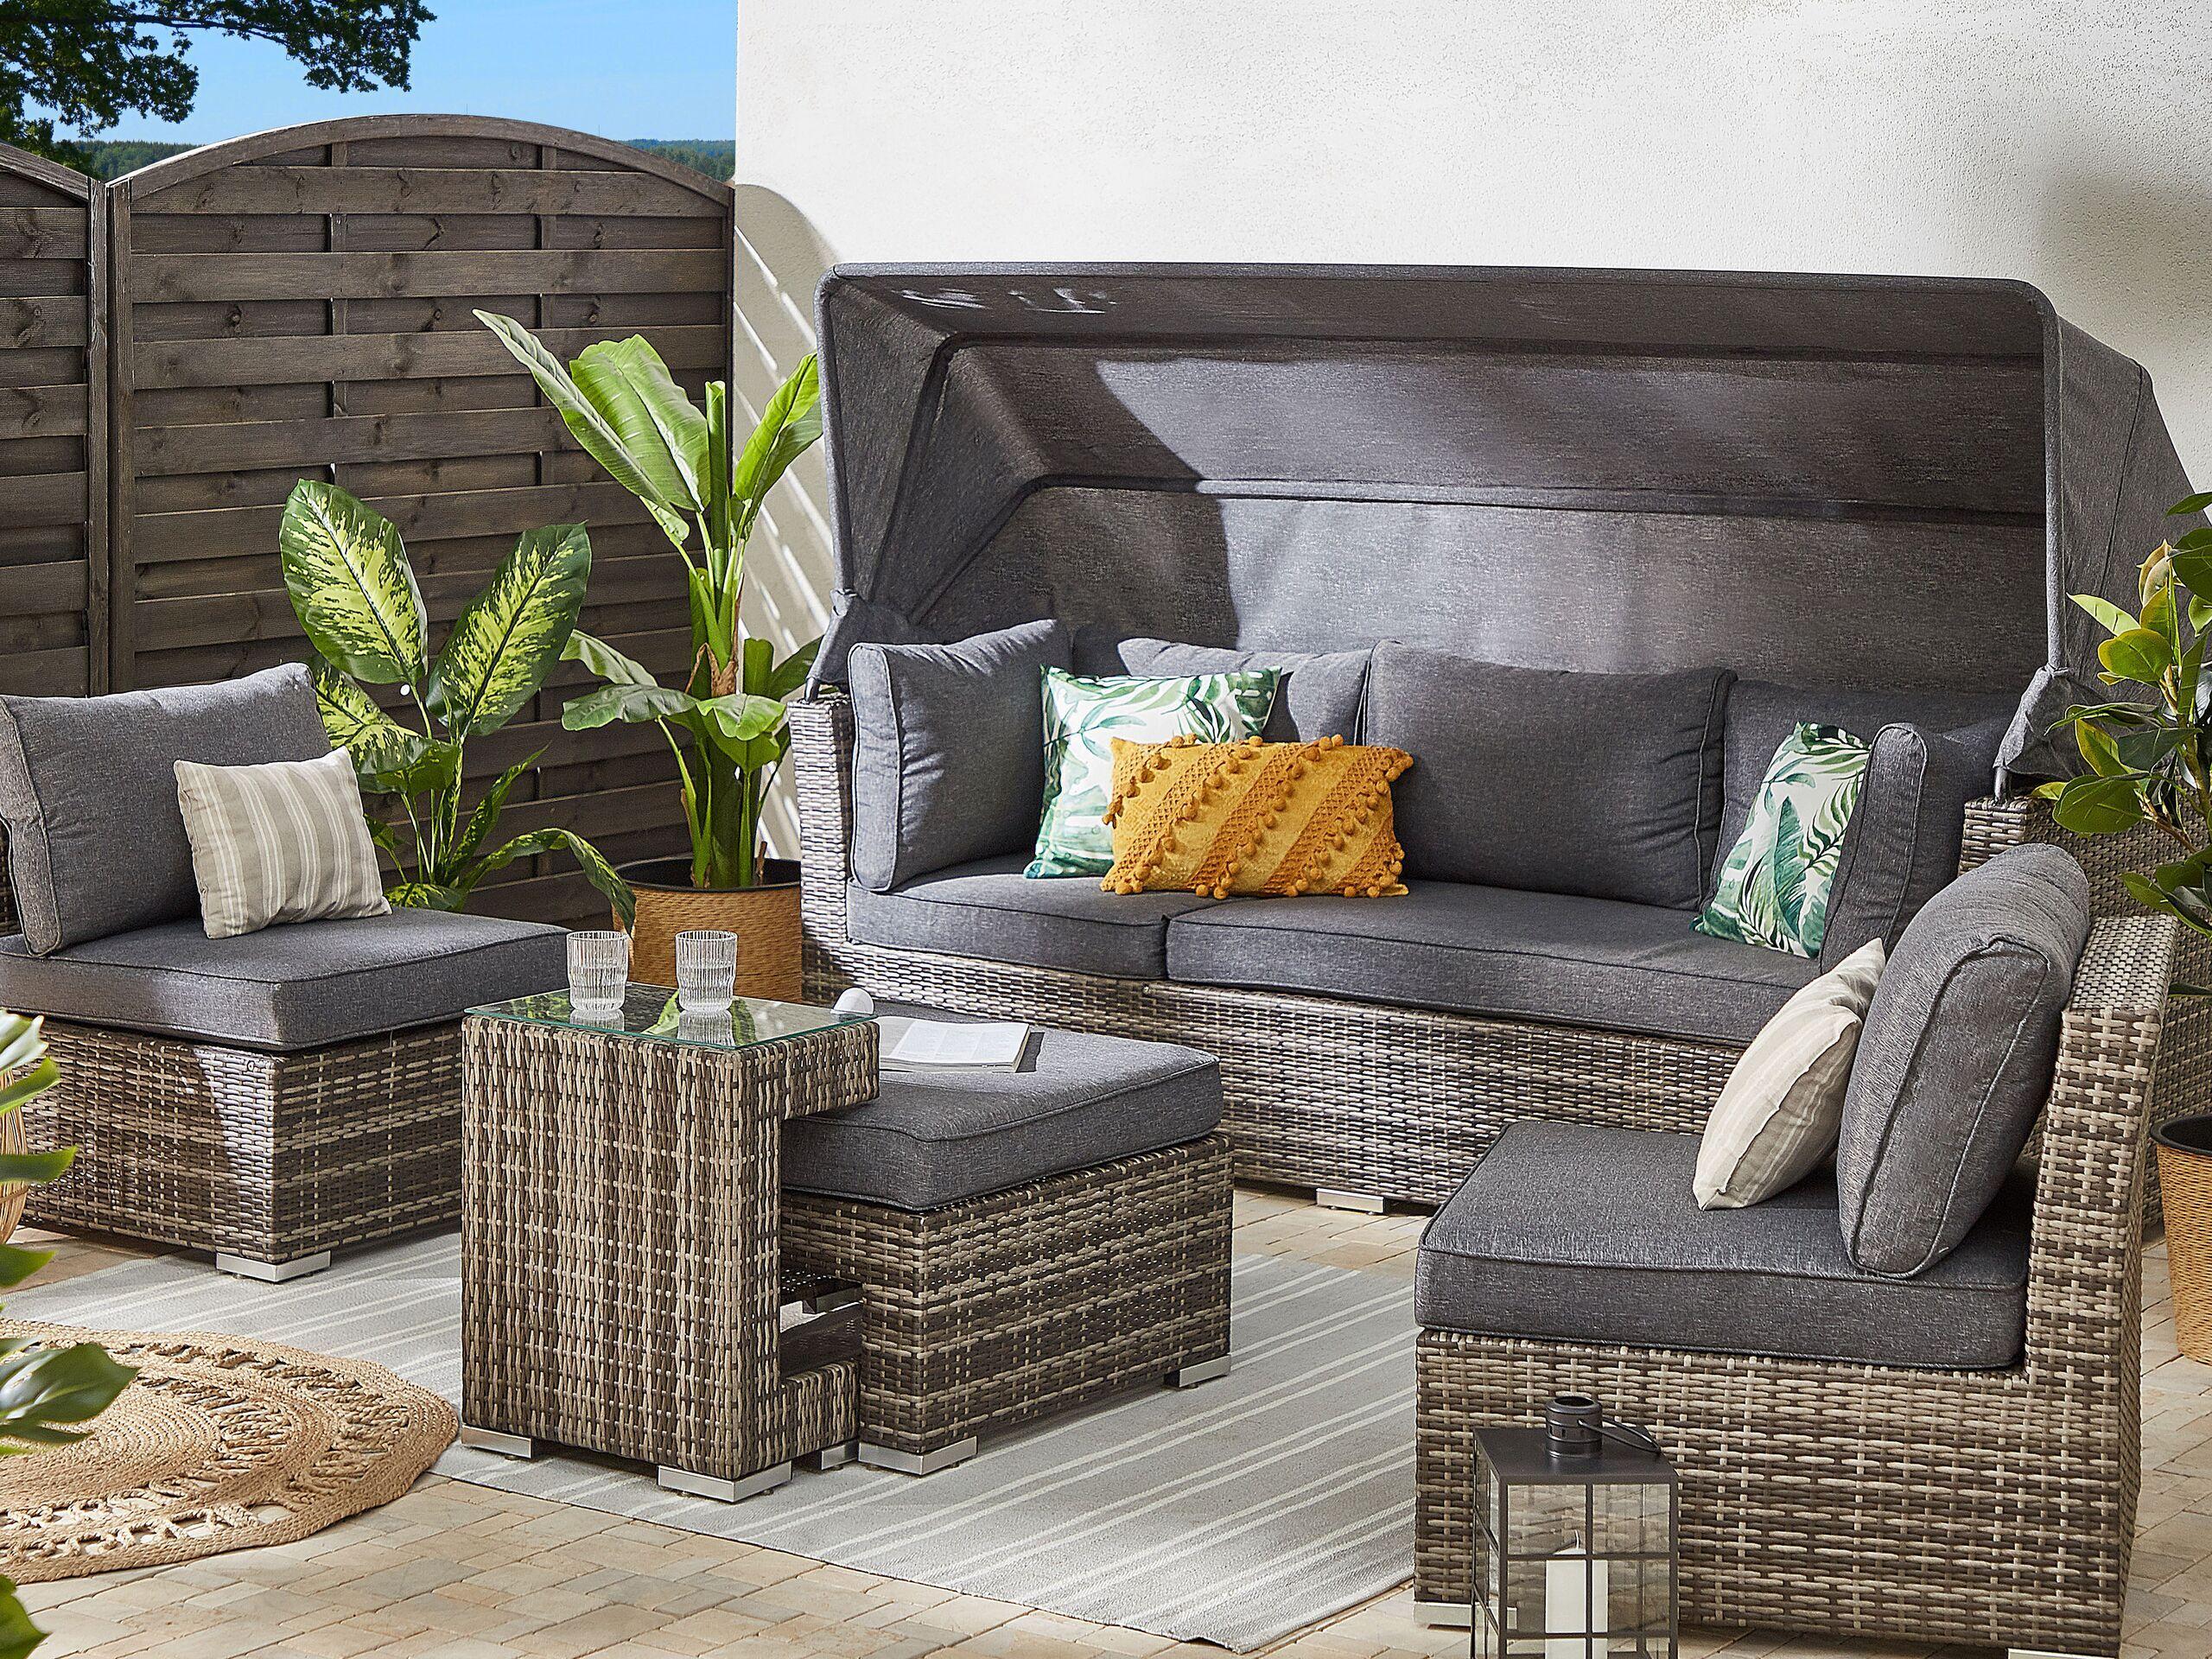 beliani set da giardino divano in rattan pe marrone e grigio con baldacchino e tavolino